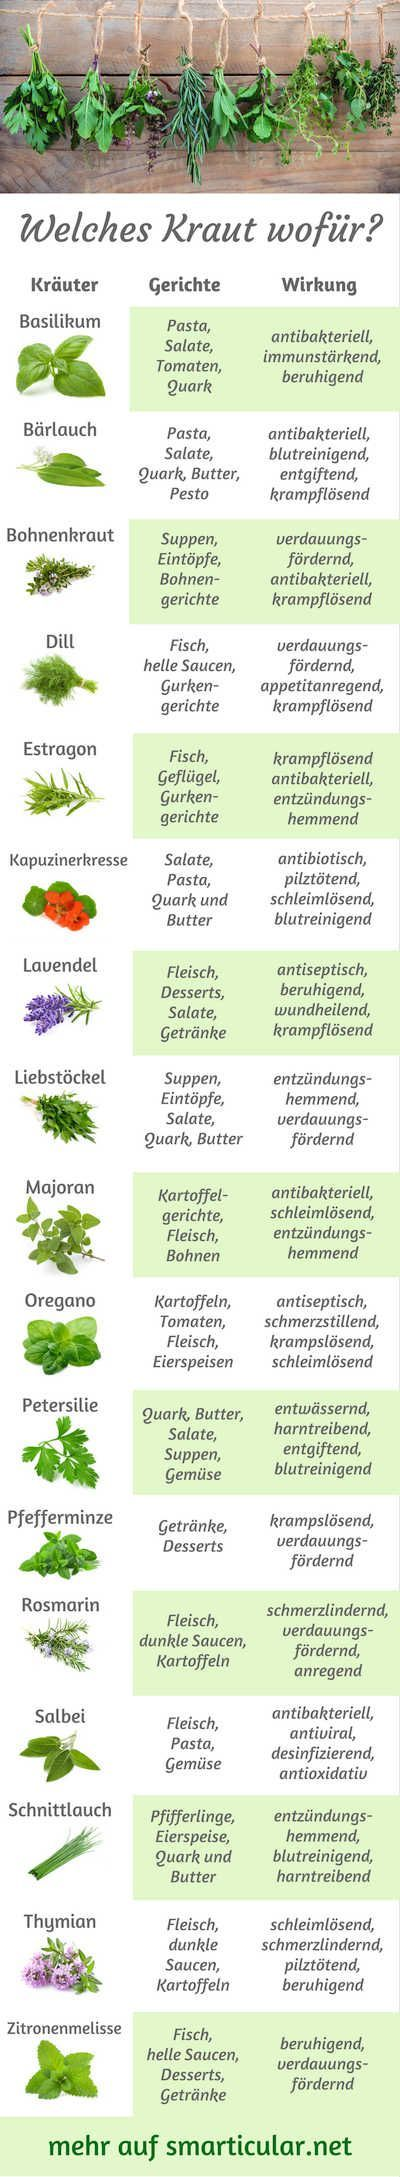 So viele Gartenkräuter, aber du weißt nicht wohin damit? Dann lass dich von unserem kleinen Kräuter-ABC inspirieren, damit du immer weißt, welche Kräuter am besten zu deinem Essen passen!